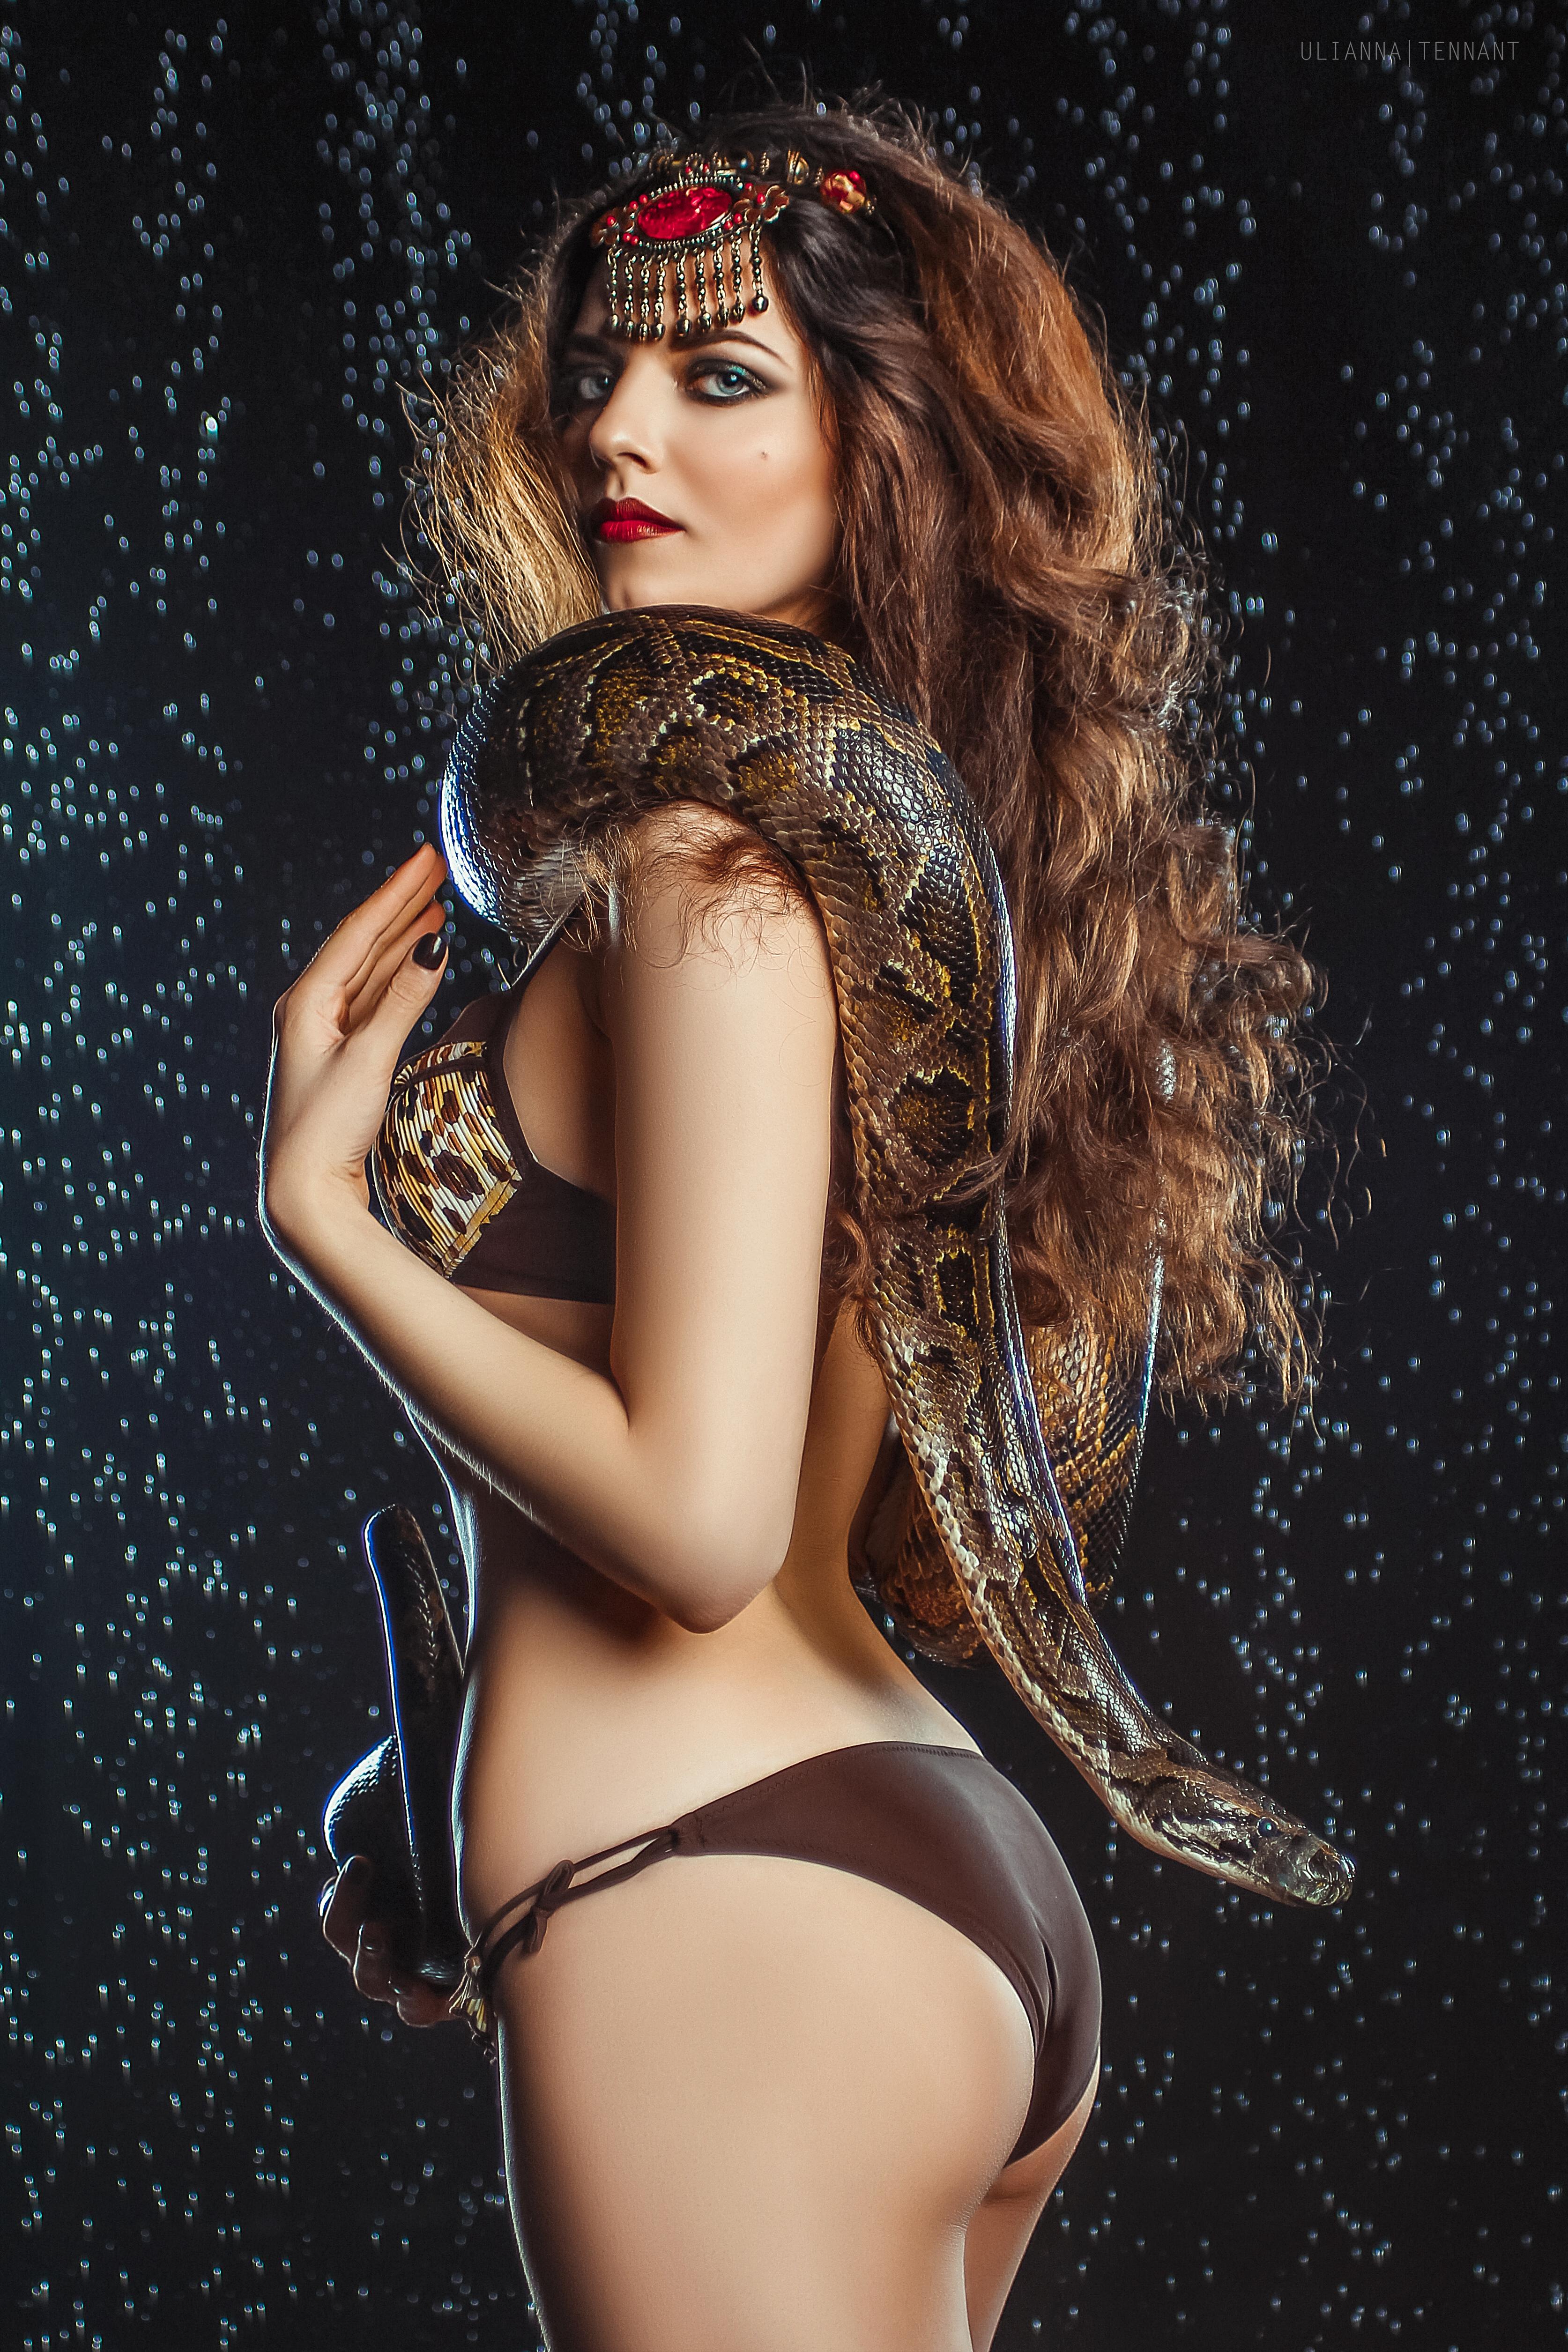 девушка под каплями дождя со змеей в руках